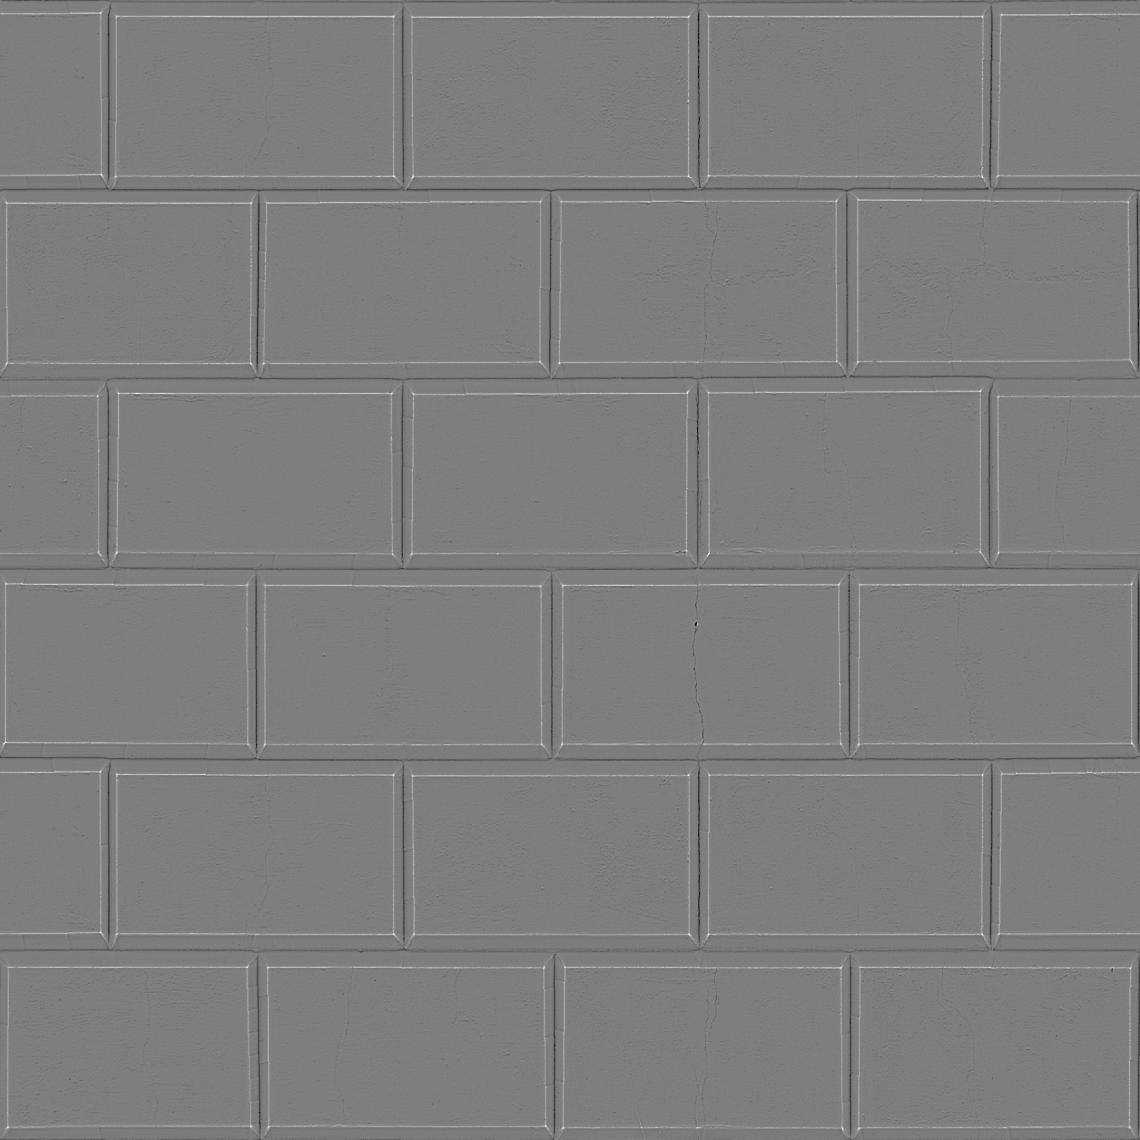 Brick-Large-01-Curvature